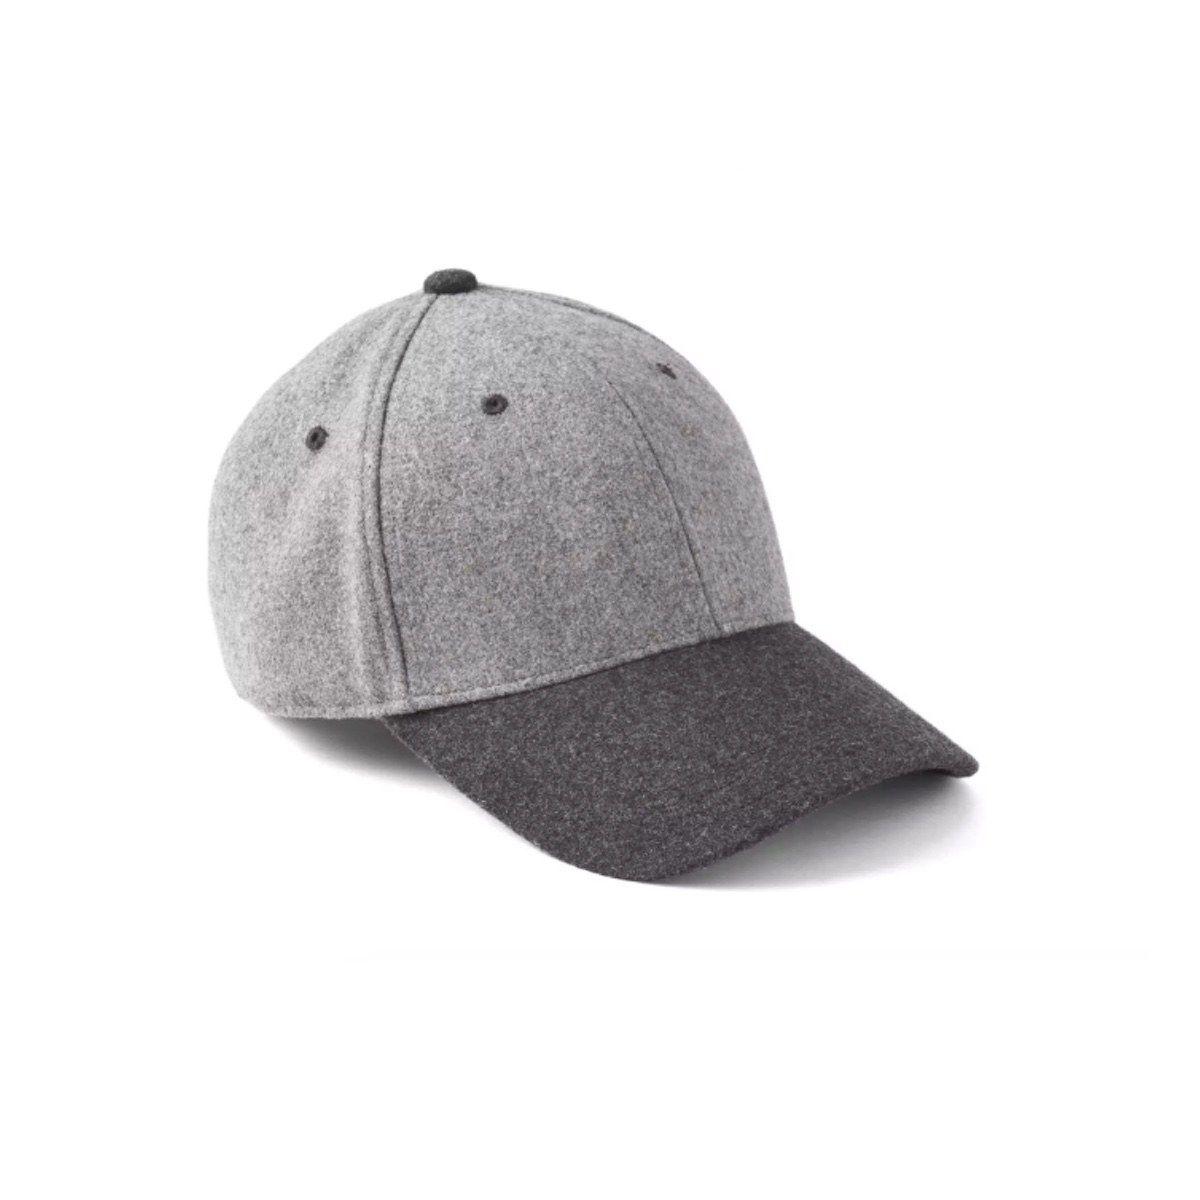 2f6a92e7f378d The 10 Best Fall Caps to Buy Right Now | gentleman | Stuff to buy ...